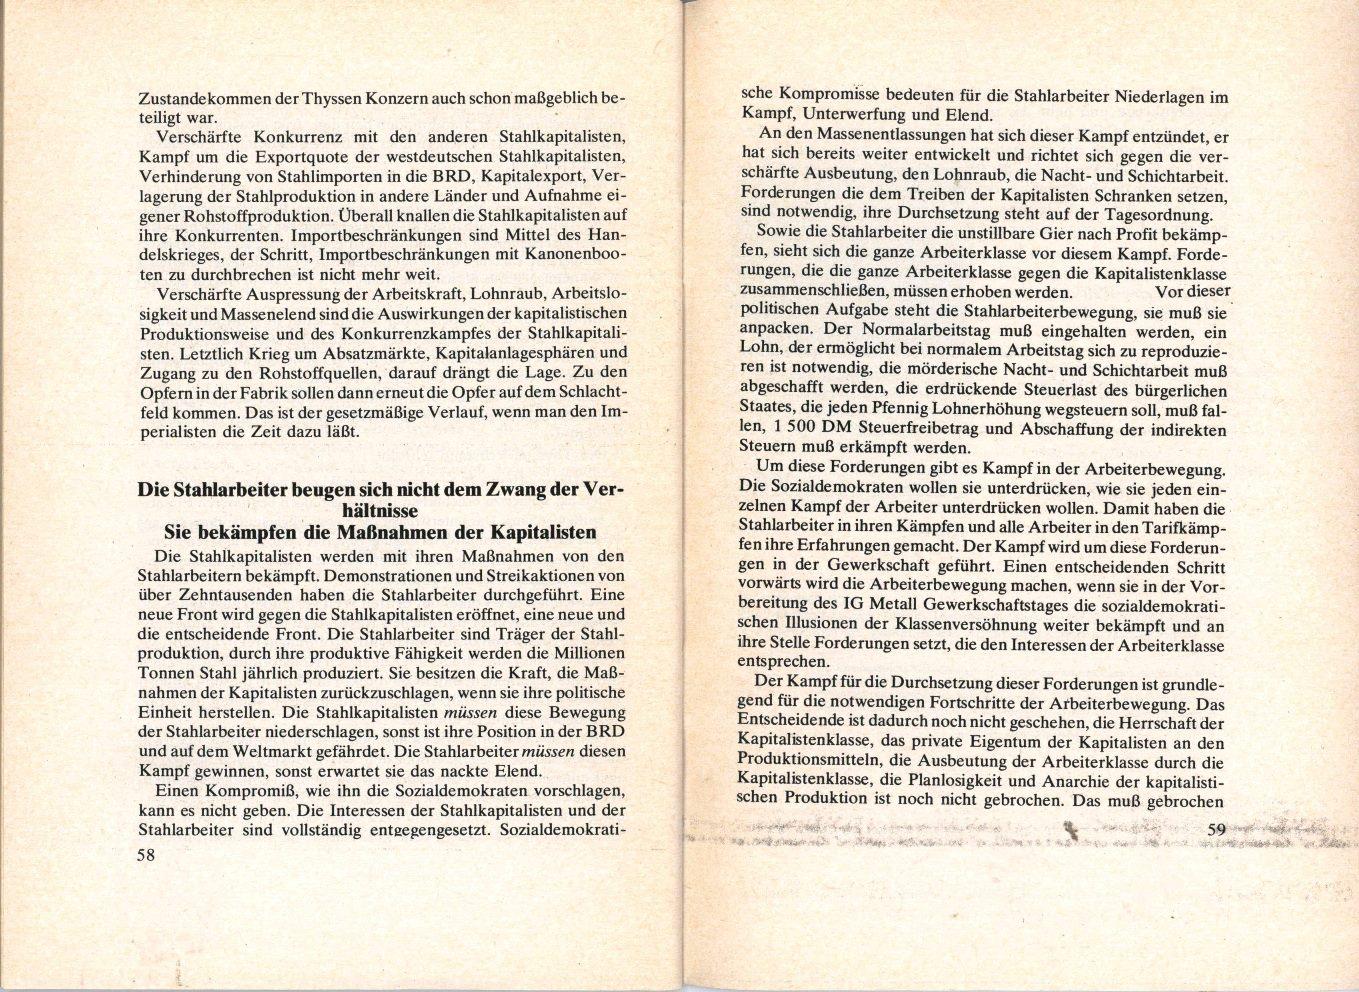 IGM_KBW_Krise_in_der_Stahlindustrie_1977_31